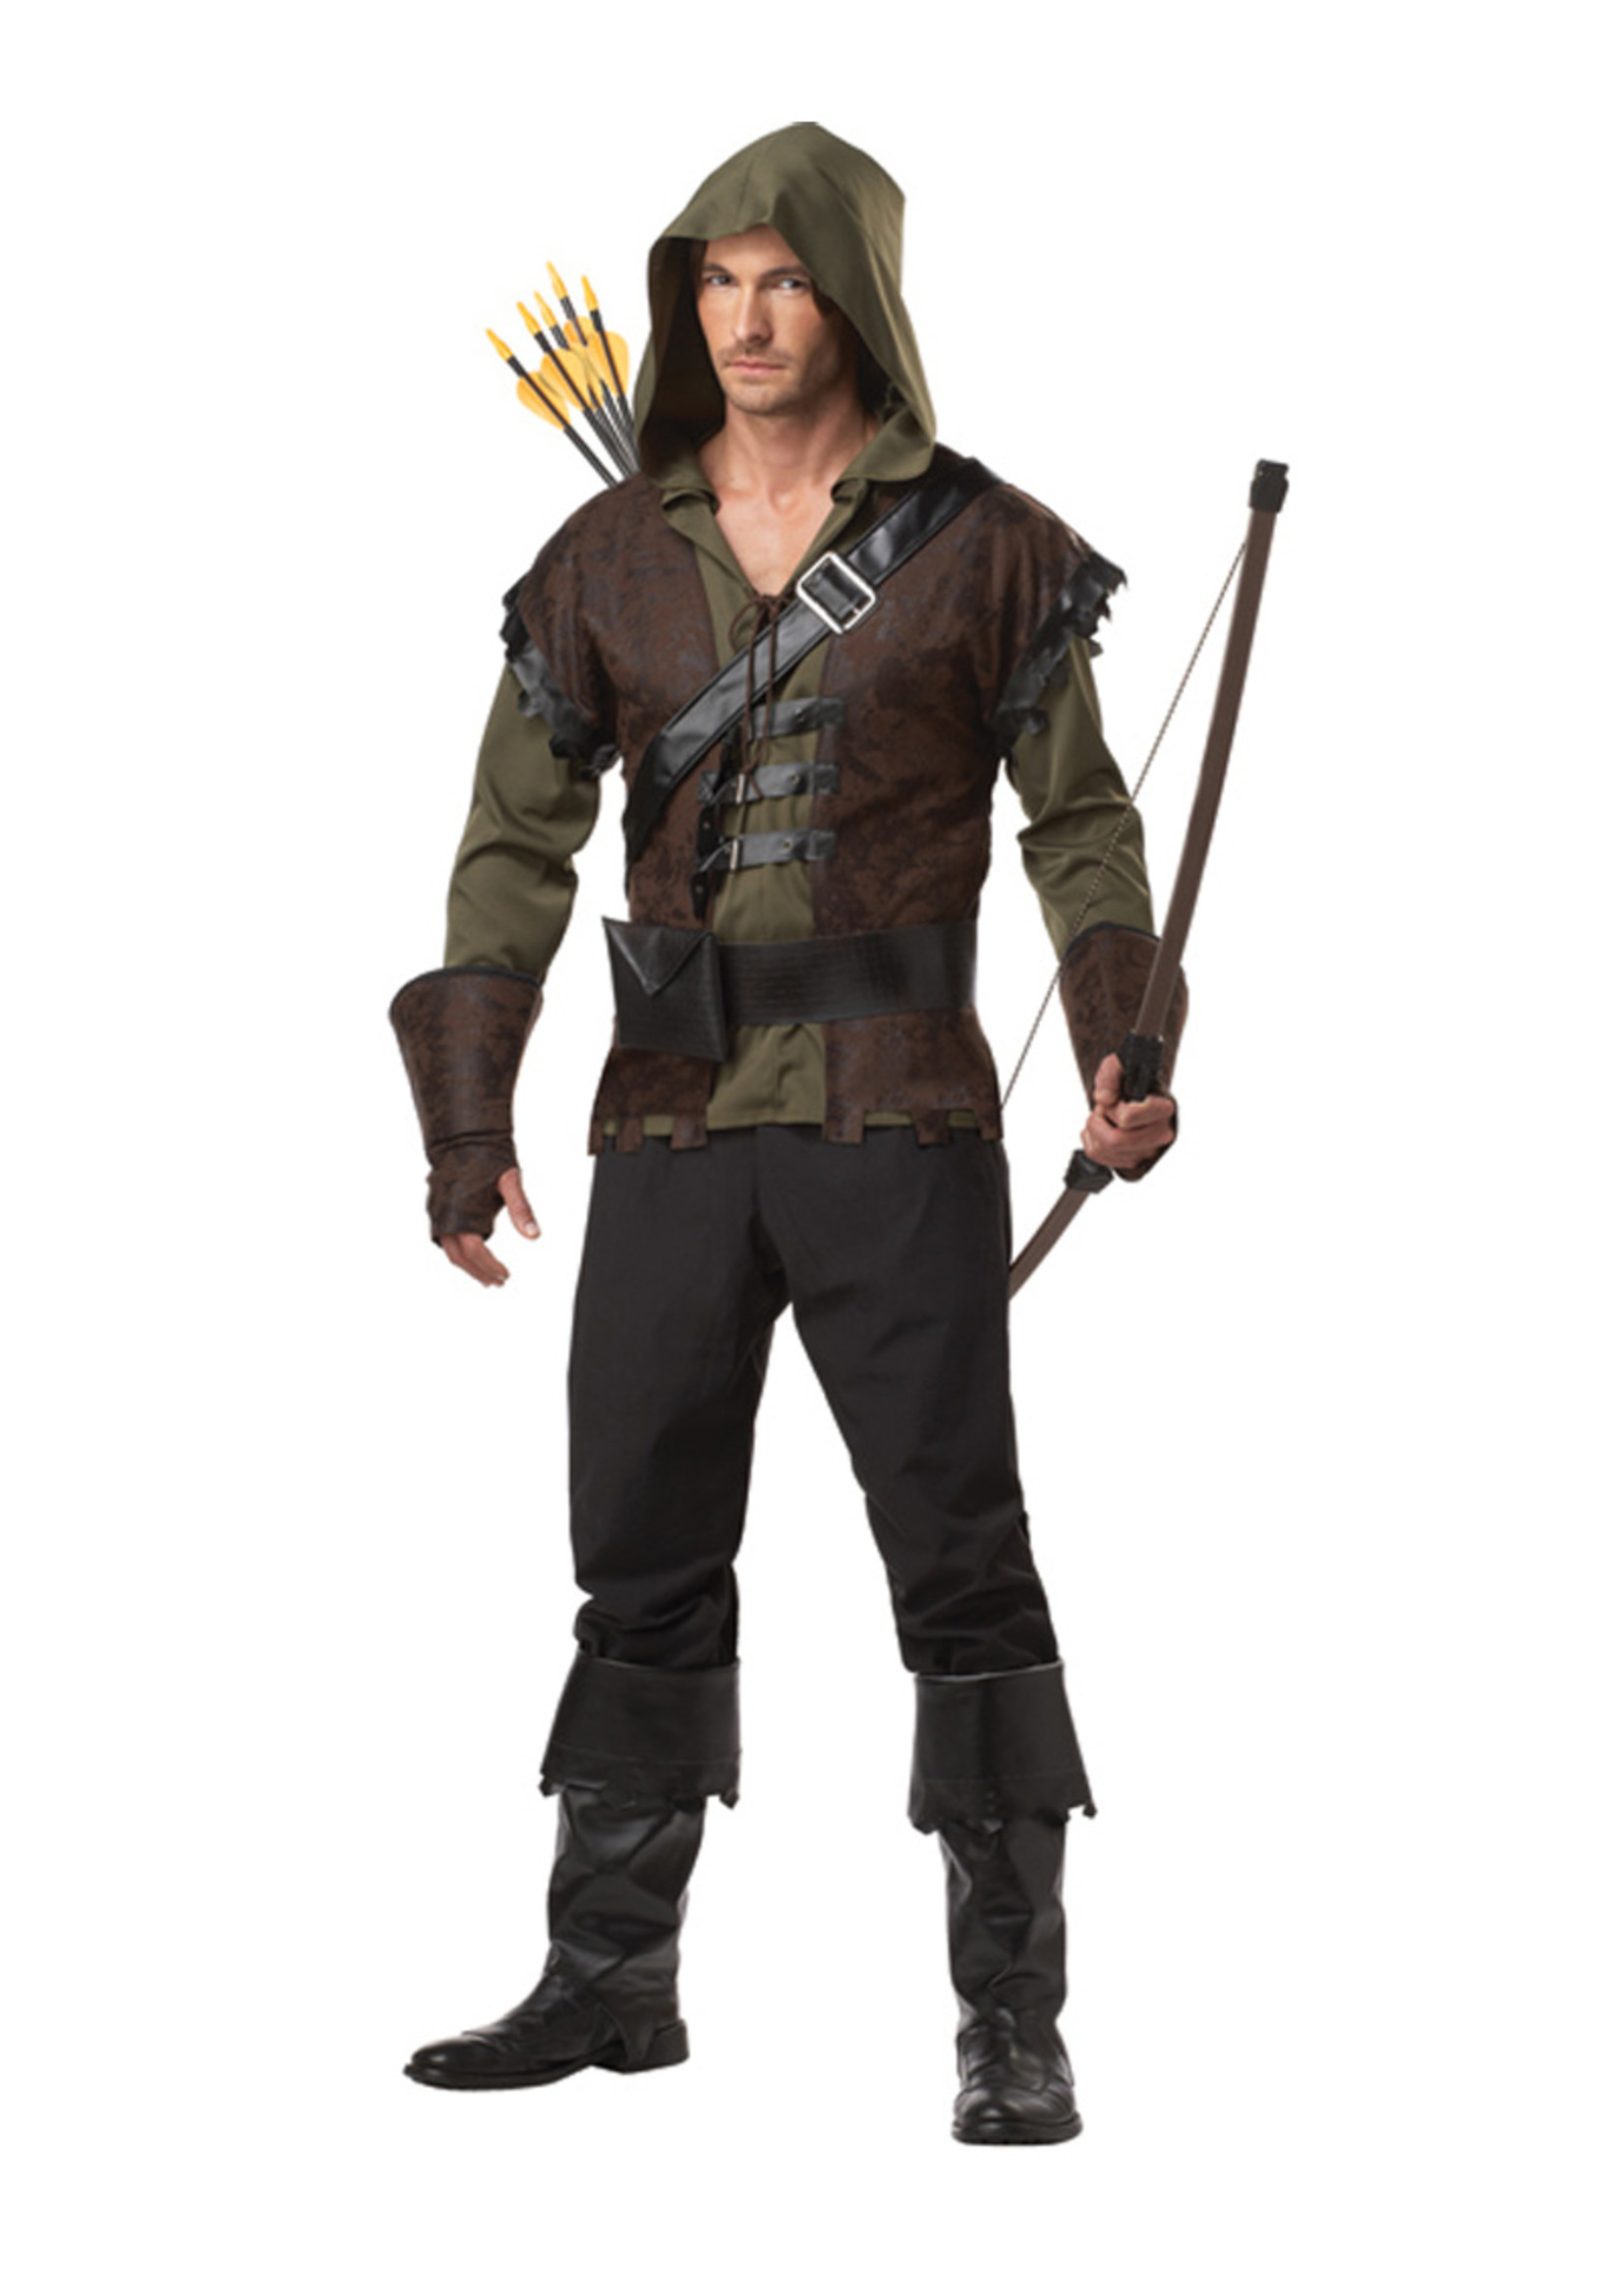 Robin Hood Costume - Men's